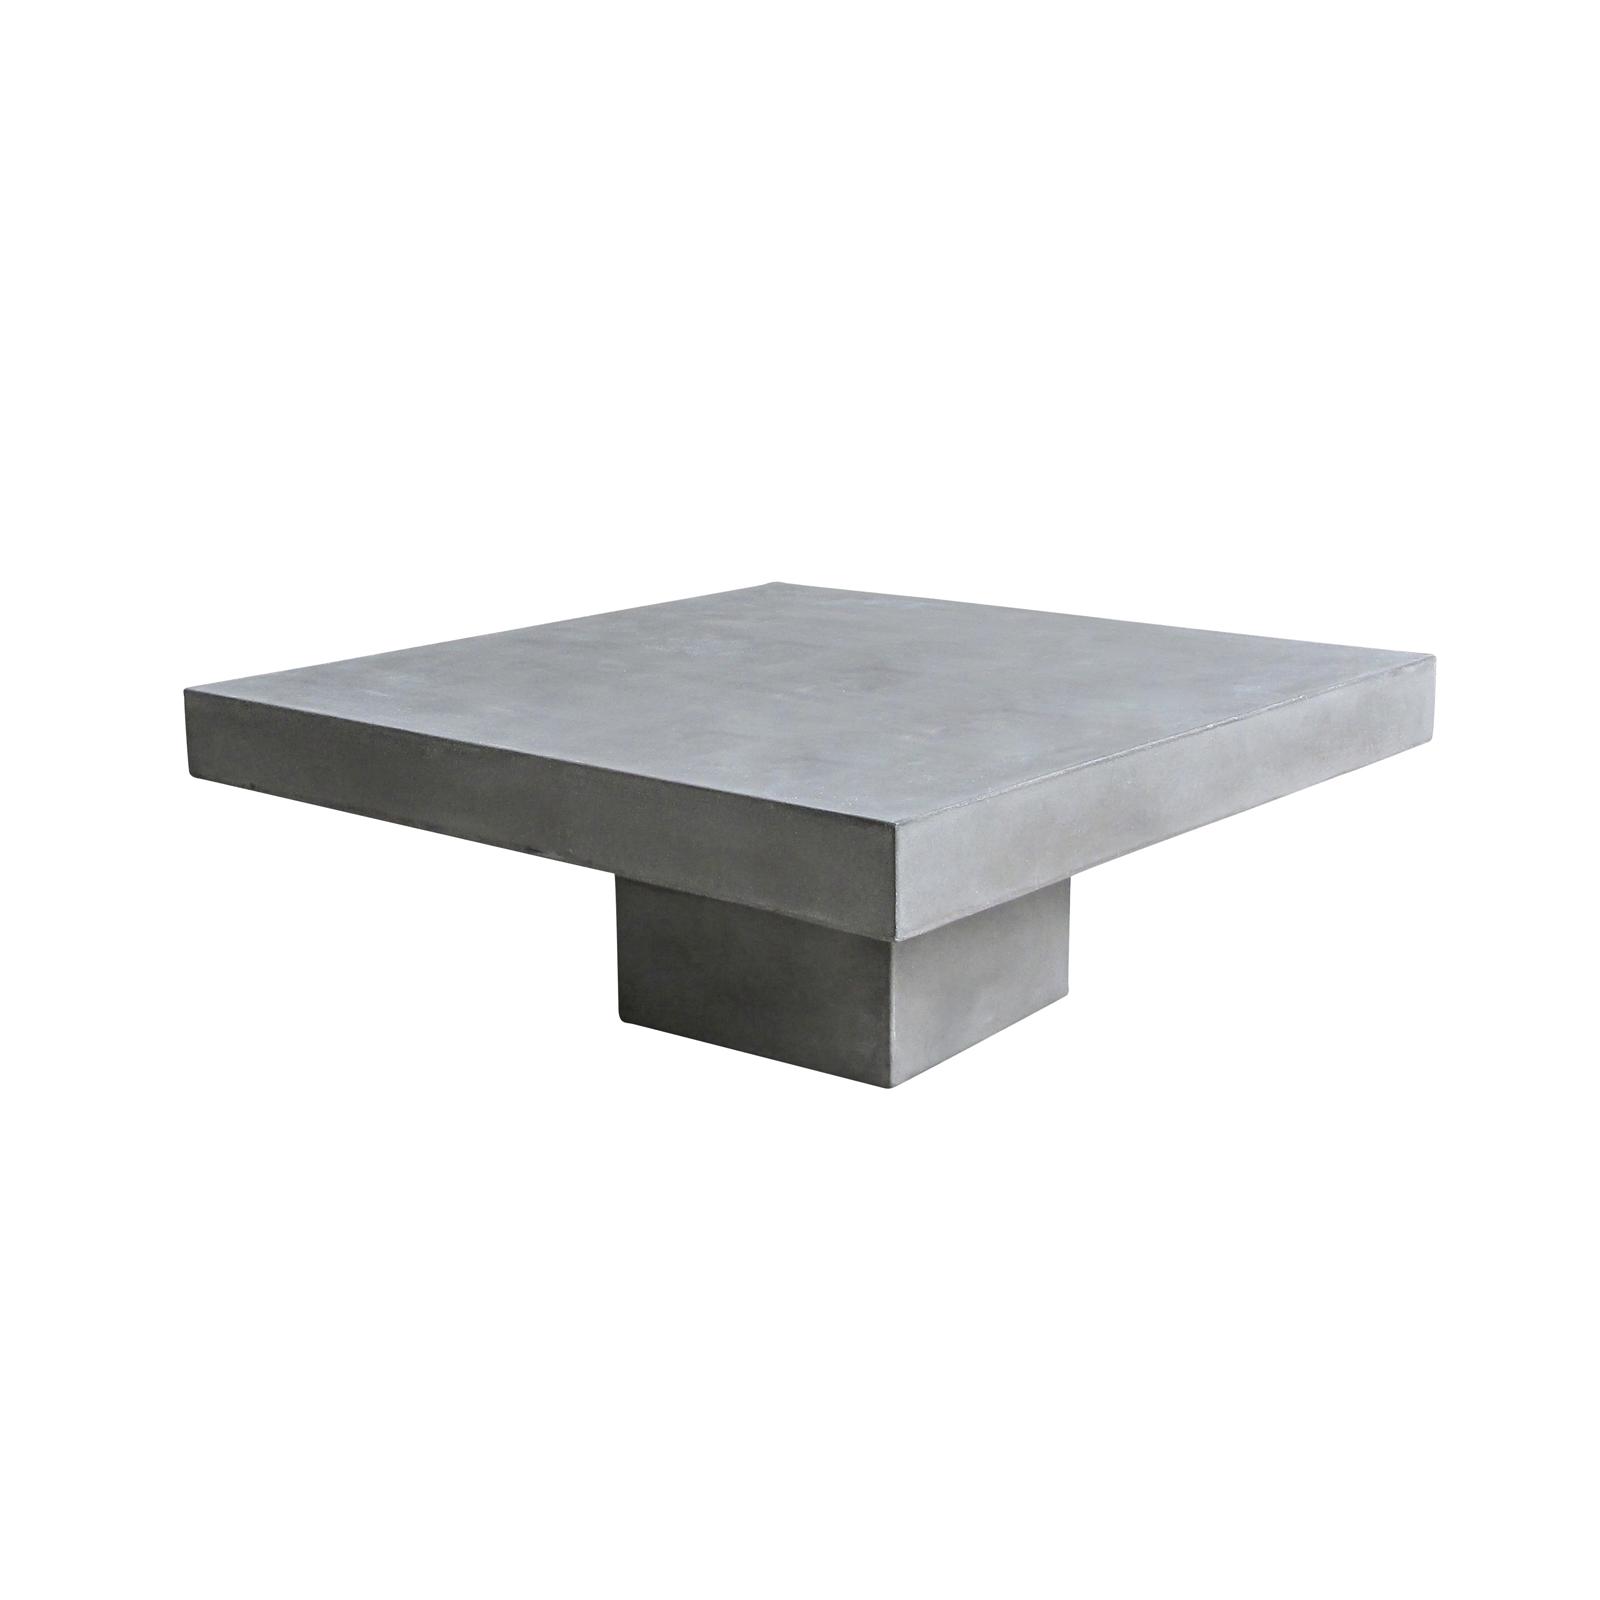 Couchtisch 80×80 cm Cement Tischplatte und Rahmen aus